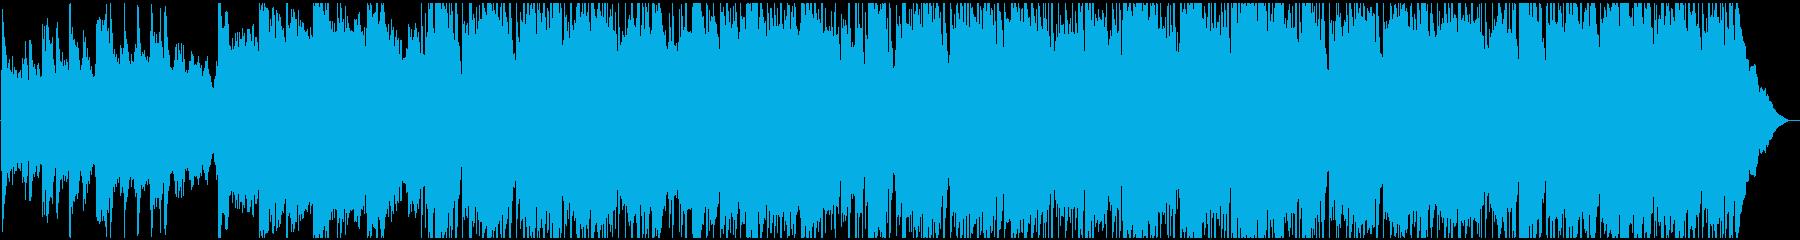 ソフトポップバックグラウンドミュー...の再生済みの波形